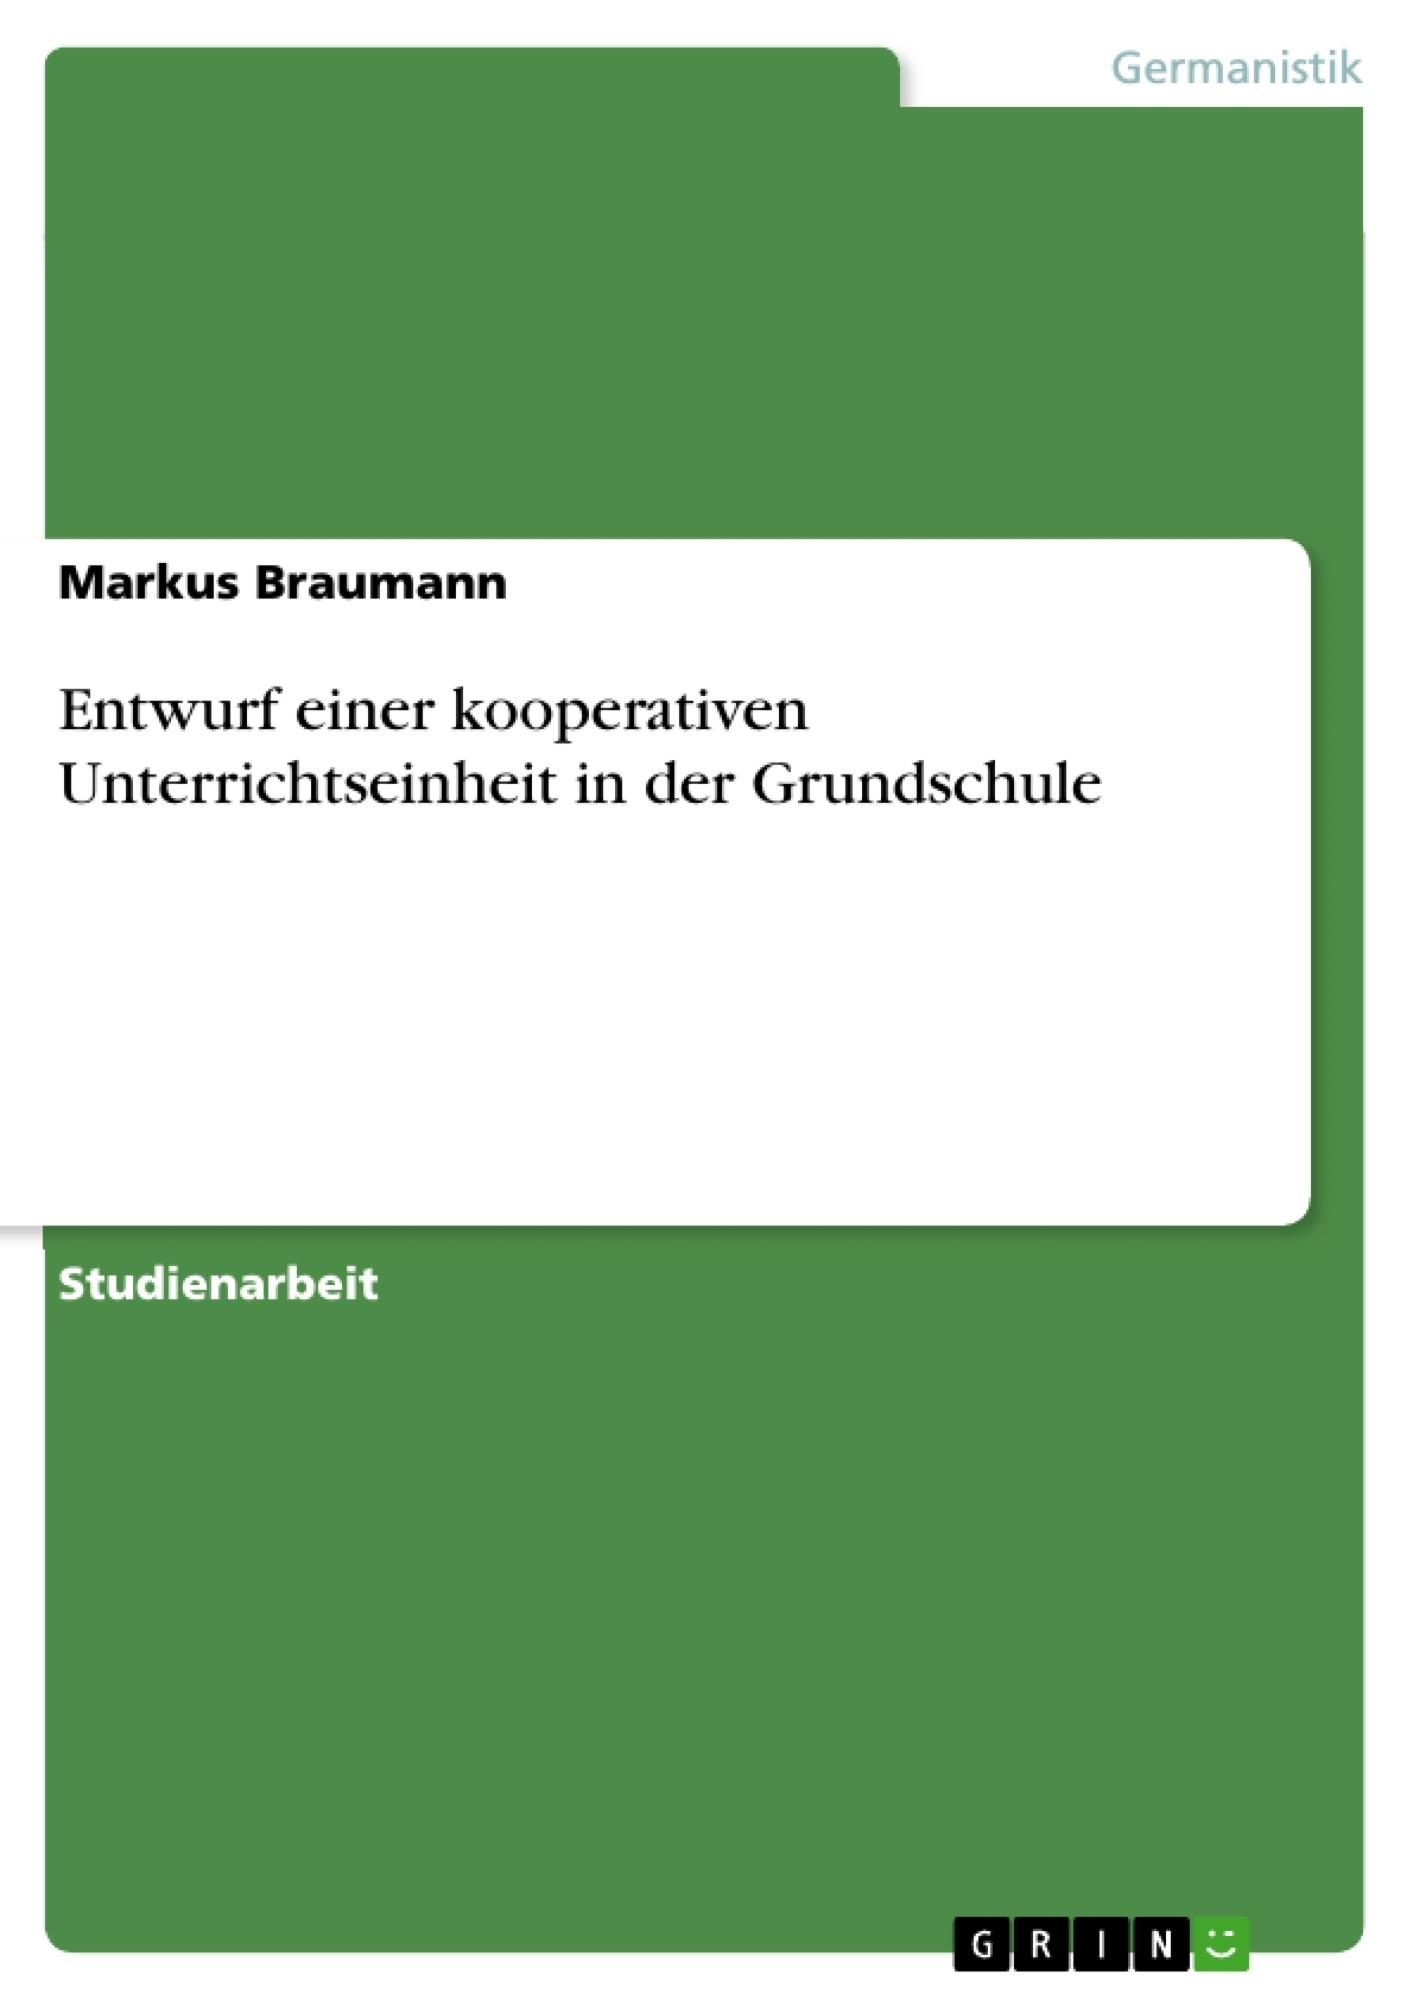 Titel: Entwurf einer kooperativen Unterrichtseinheit in der Grundschule